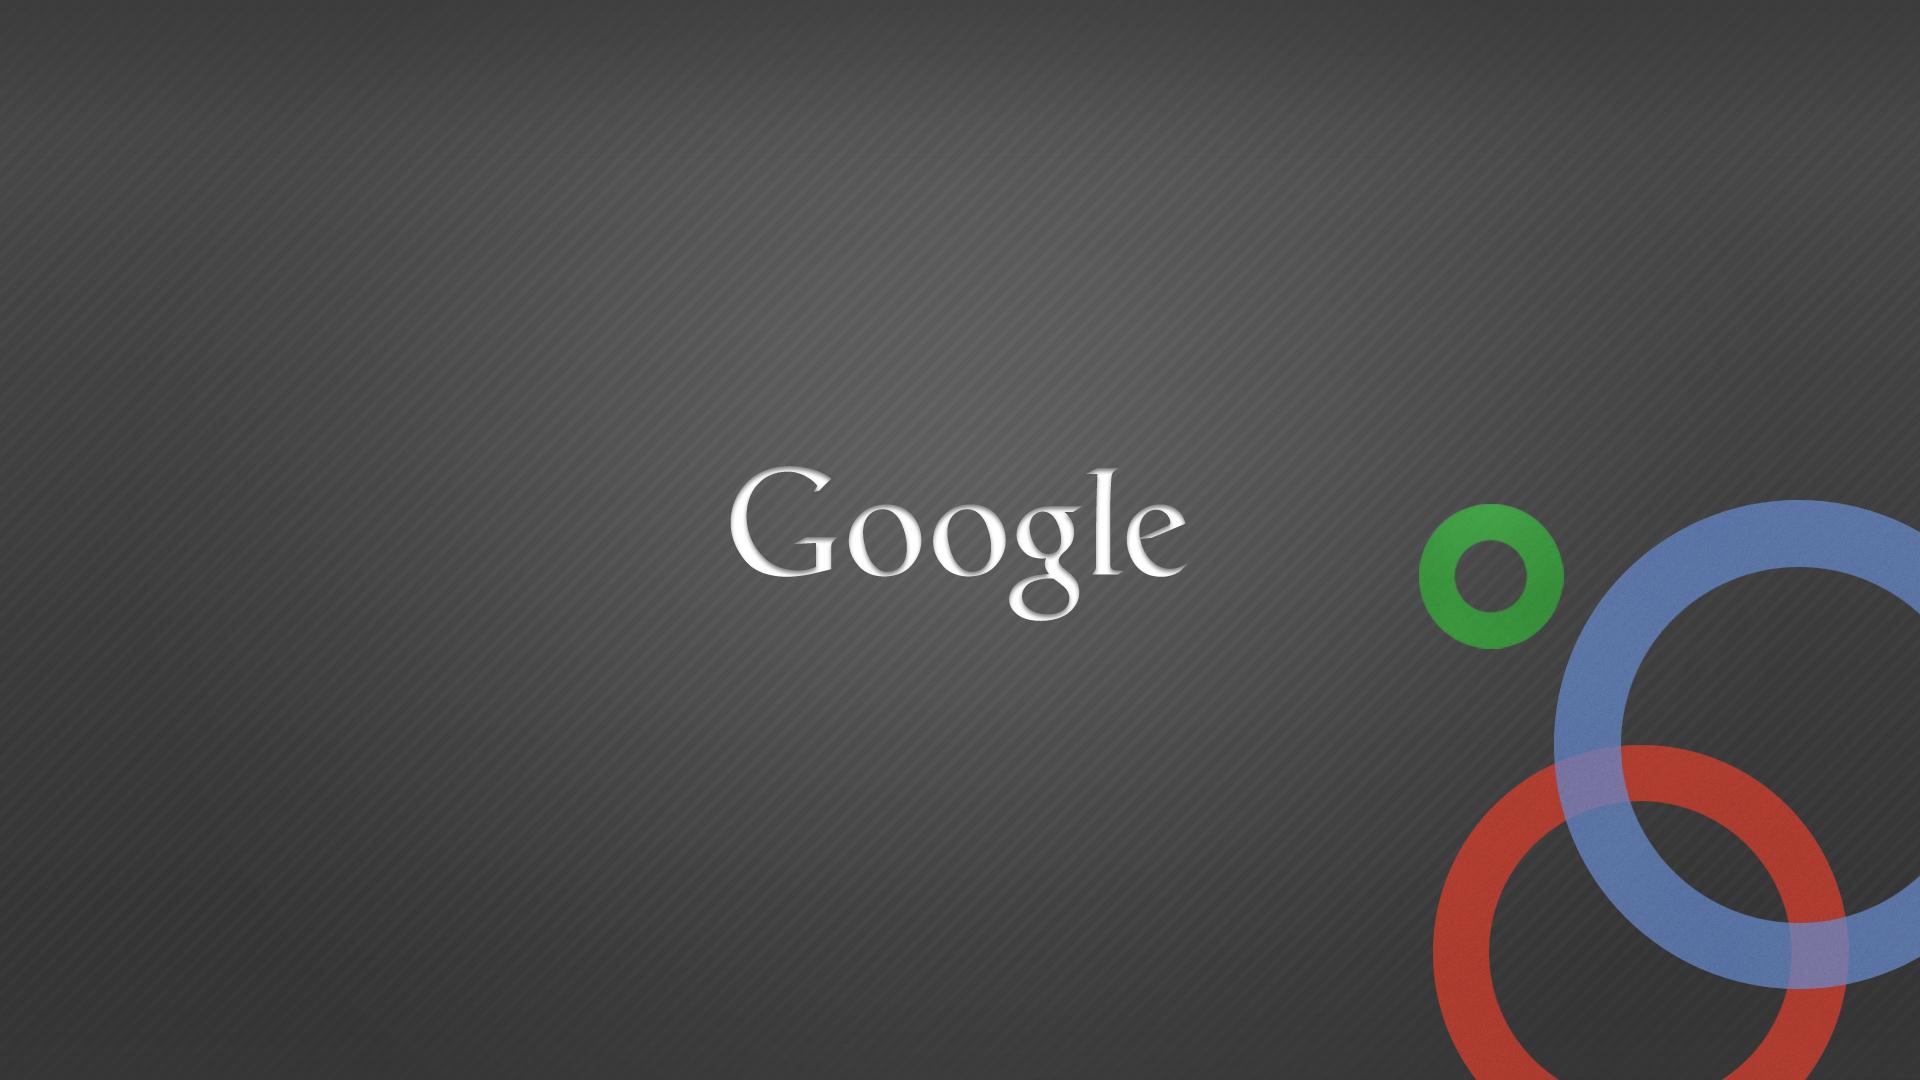 Google Wallpapers Inbox 1920x1080